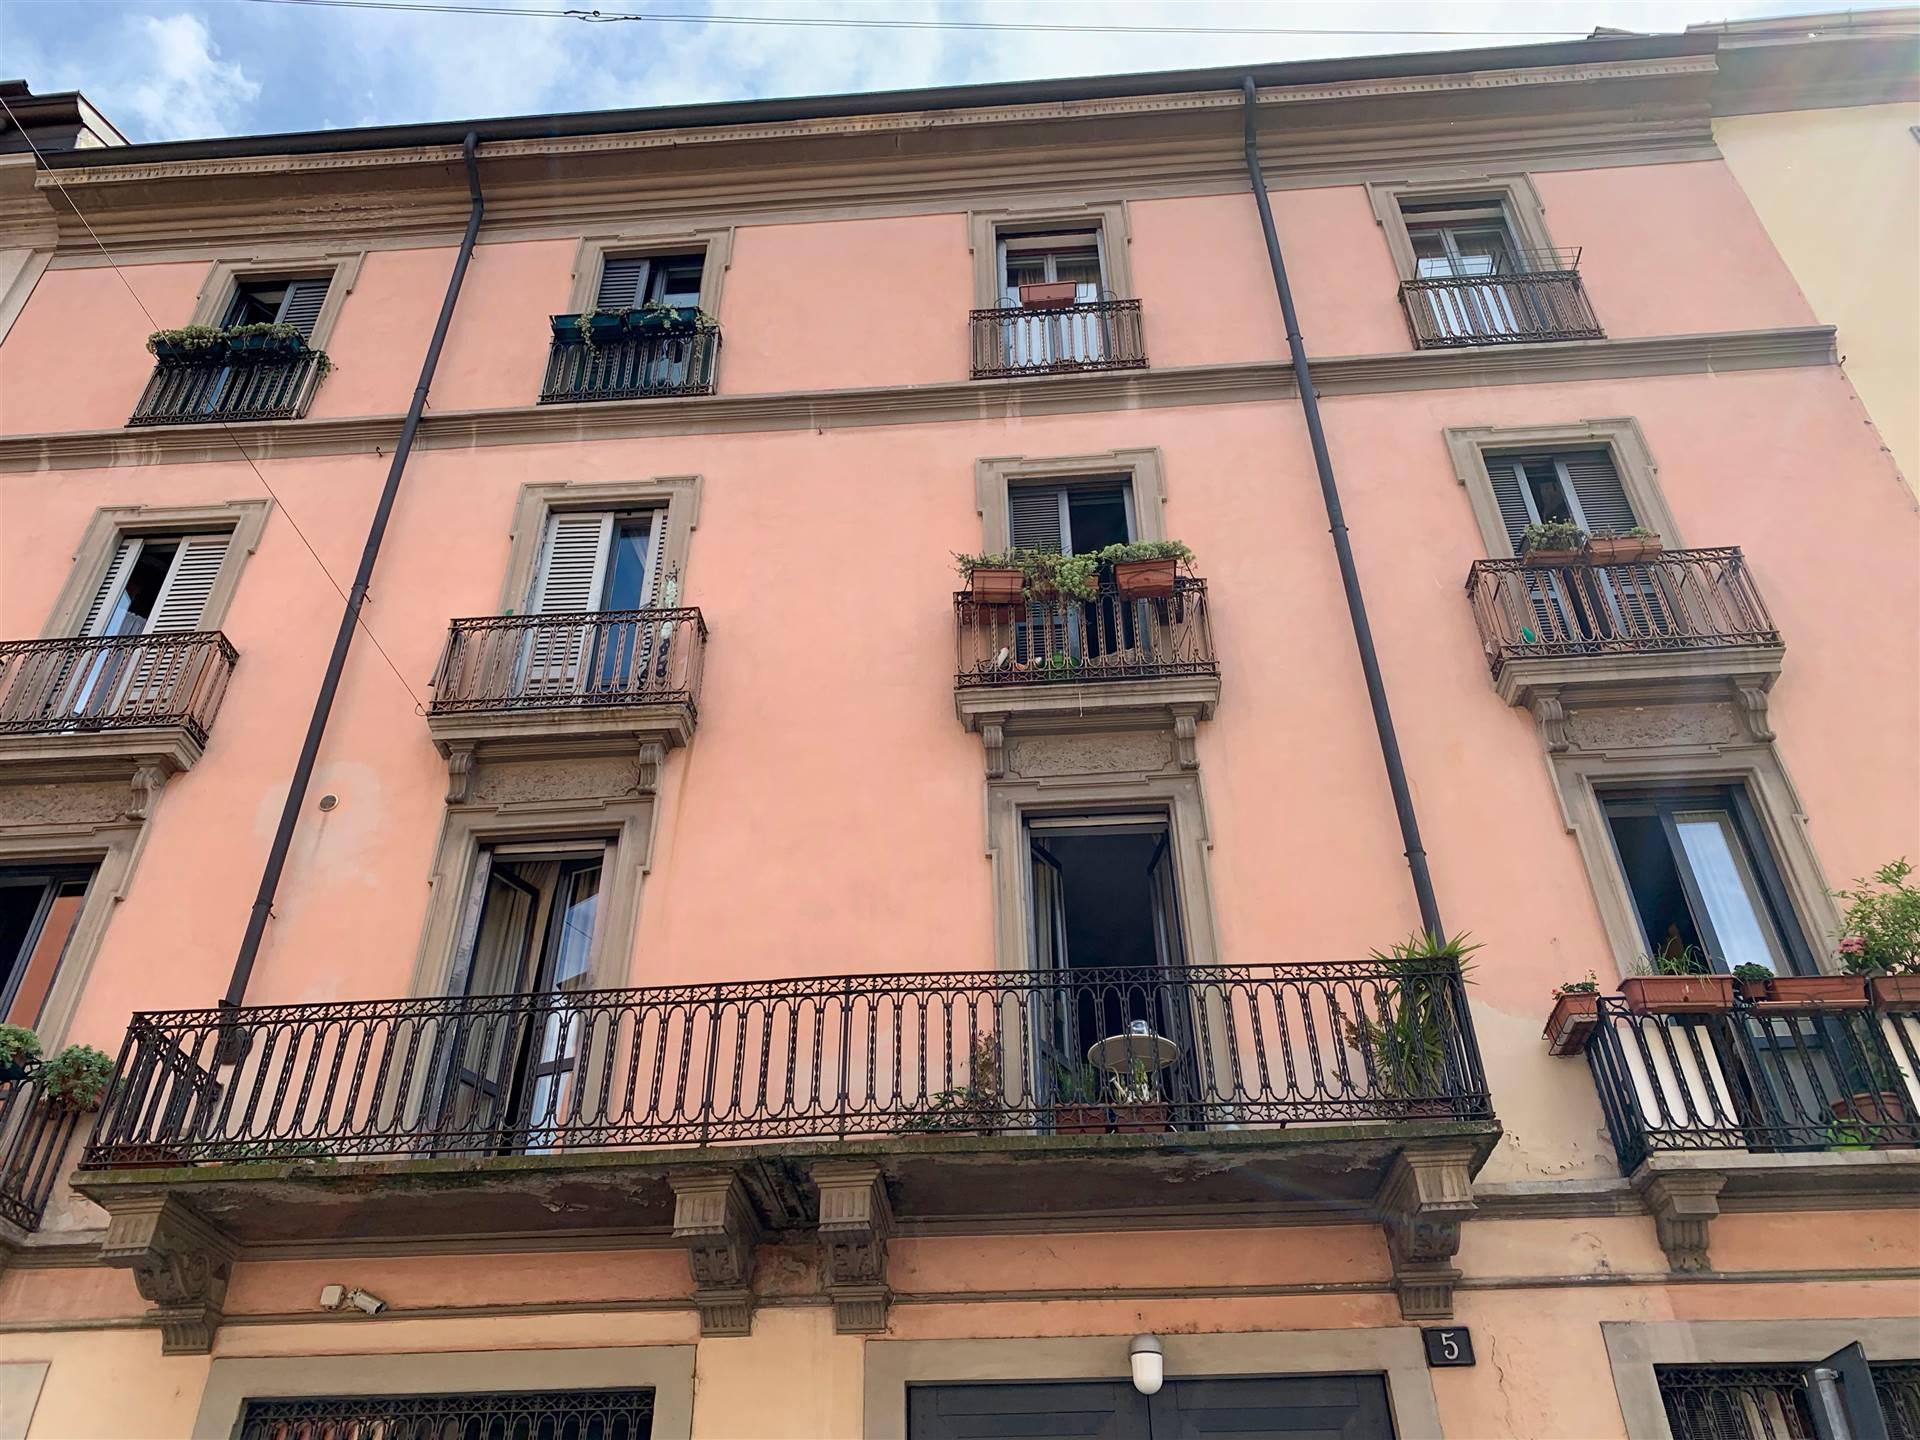 Milano, zona Isola, quartiere trendy caratterizzato da graffiti e stradine ricche di boutique alla moda, alimentari biologici e negozi dell'usato.